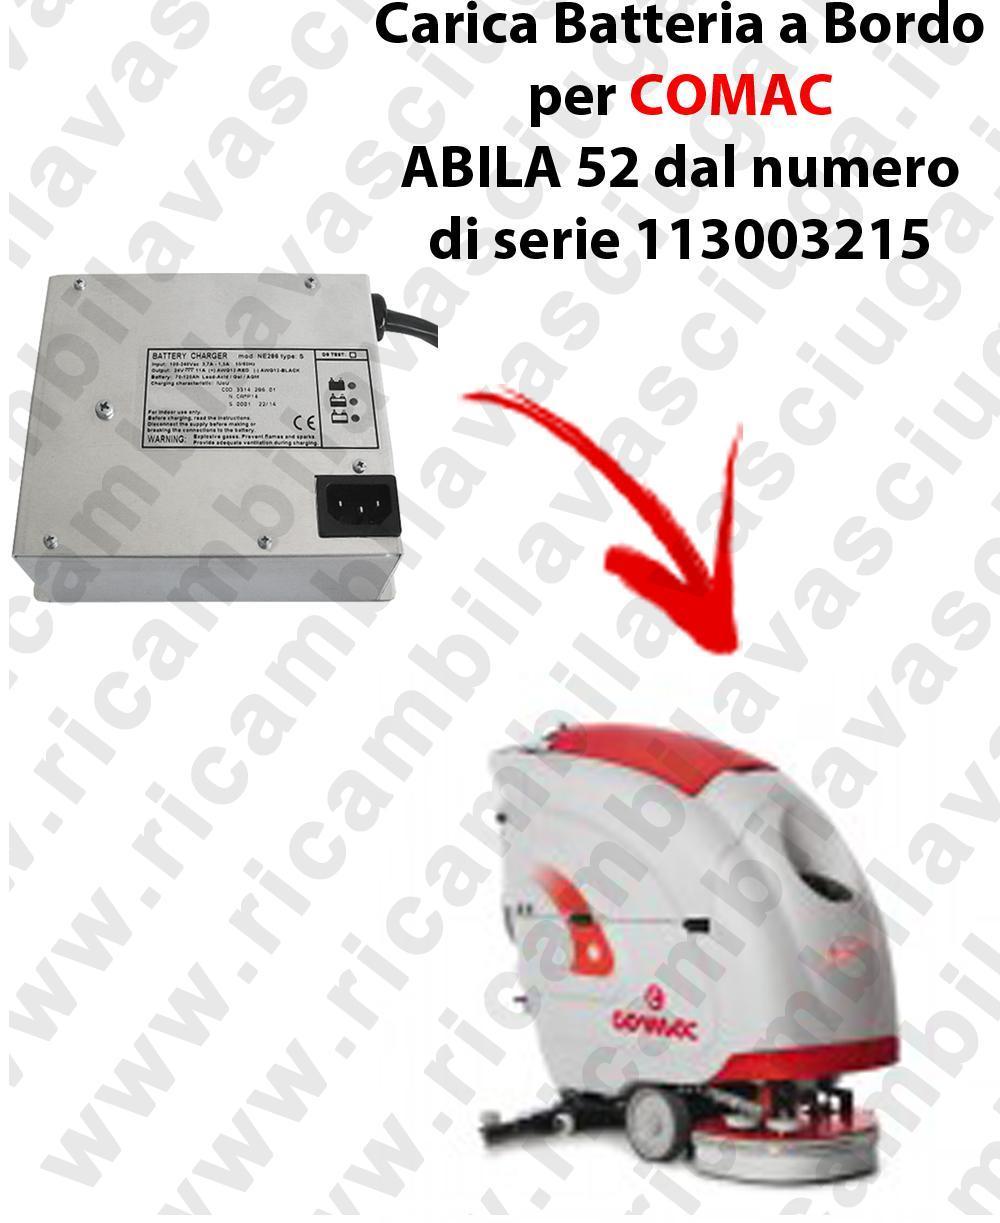 ABILA 52 von der Seriennummer 113003215 Batterieladegerät auf bord für scheuersaugmaschinen COMAC